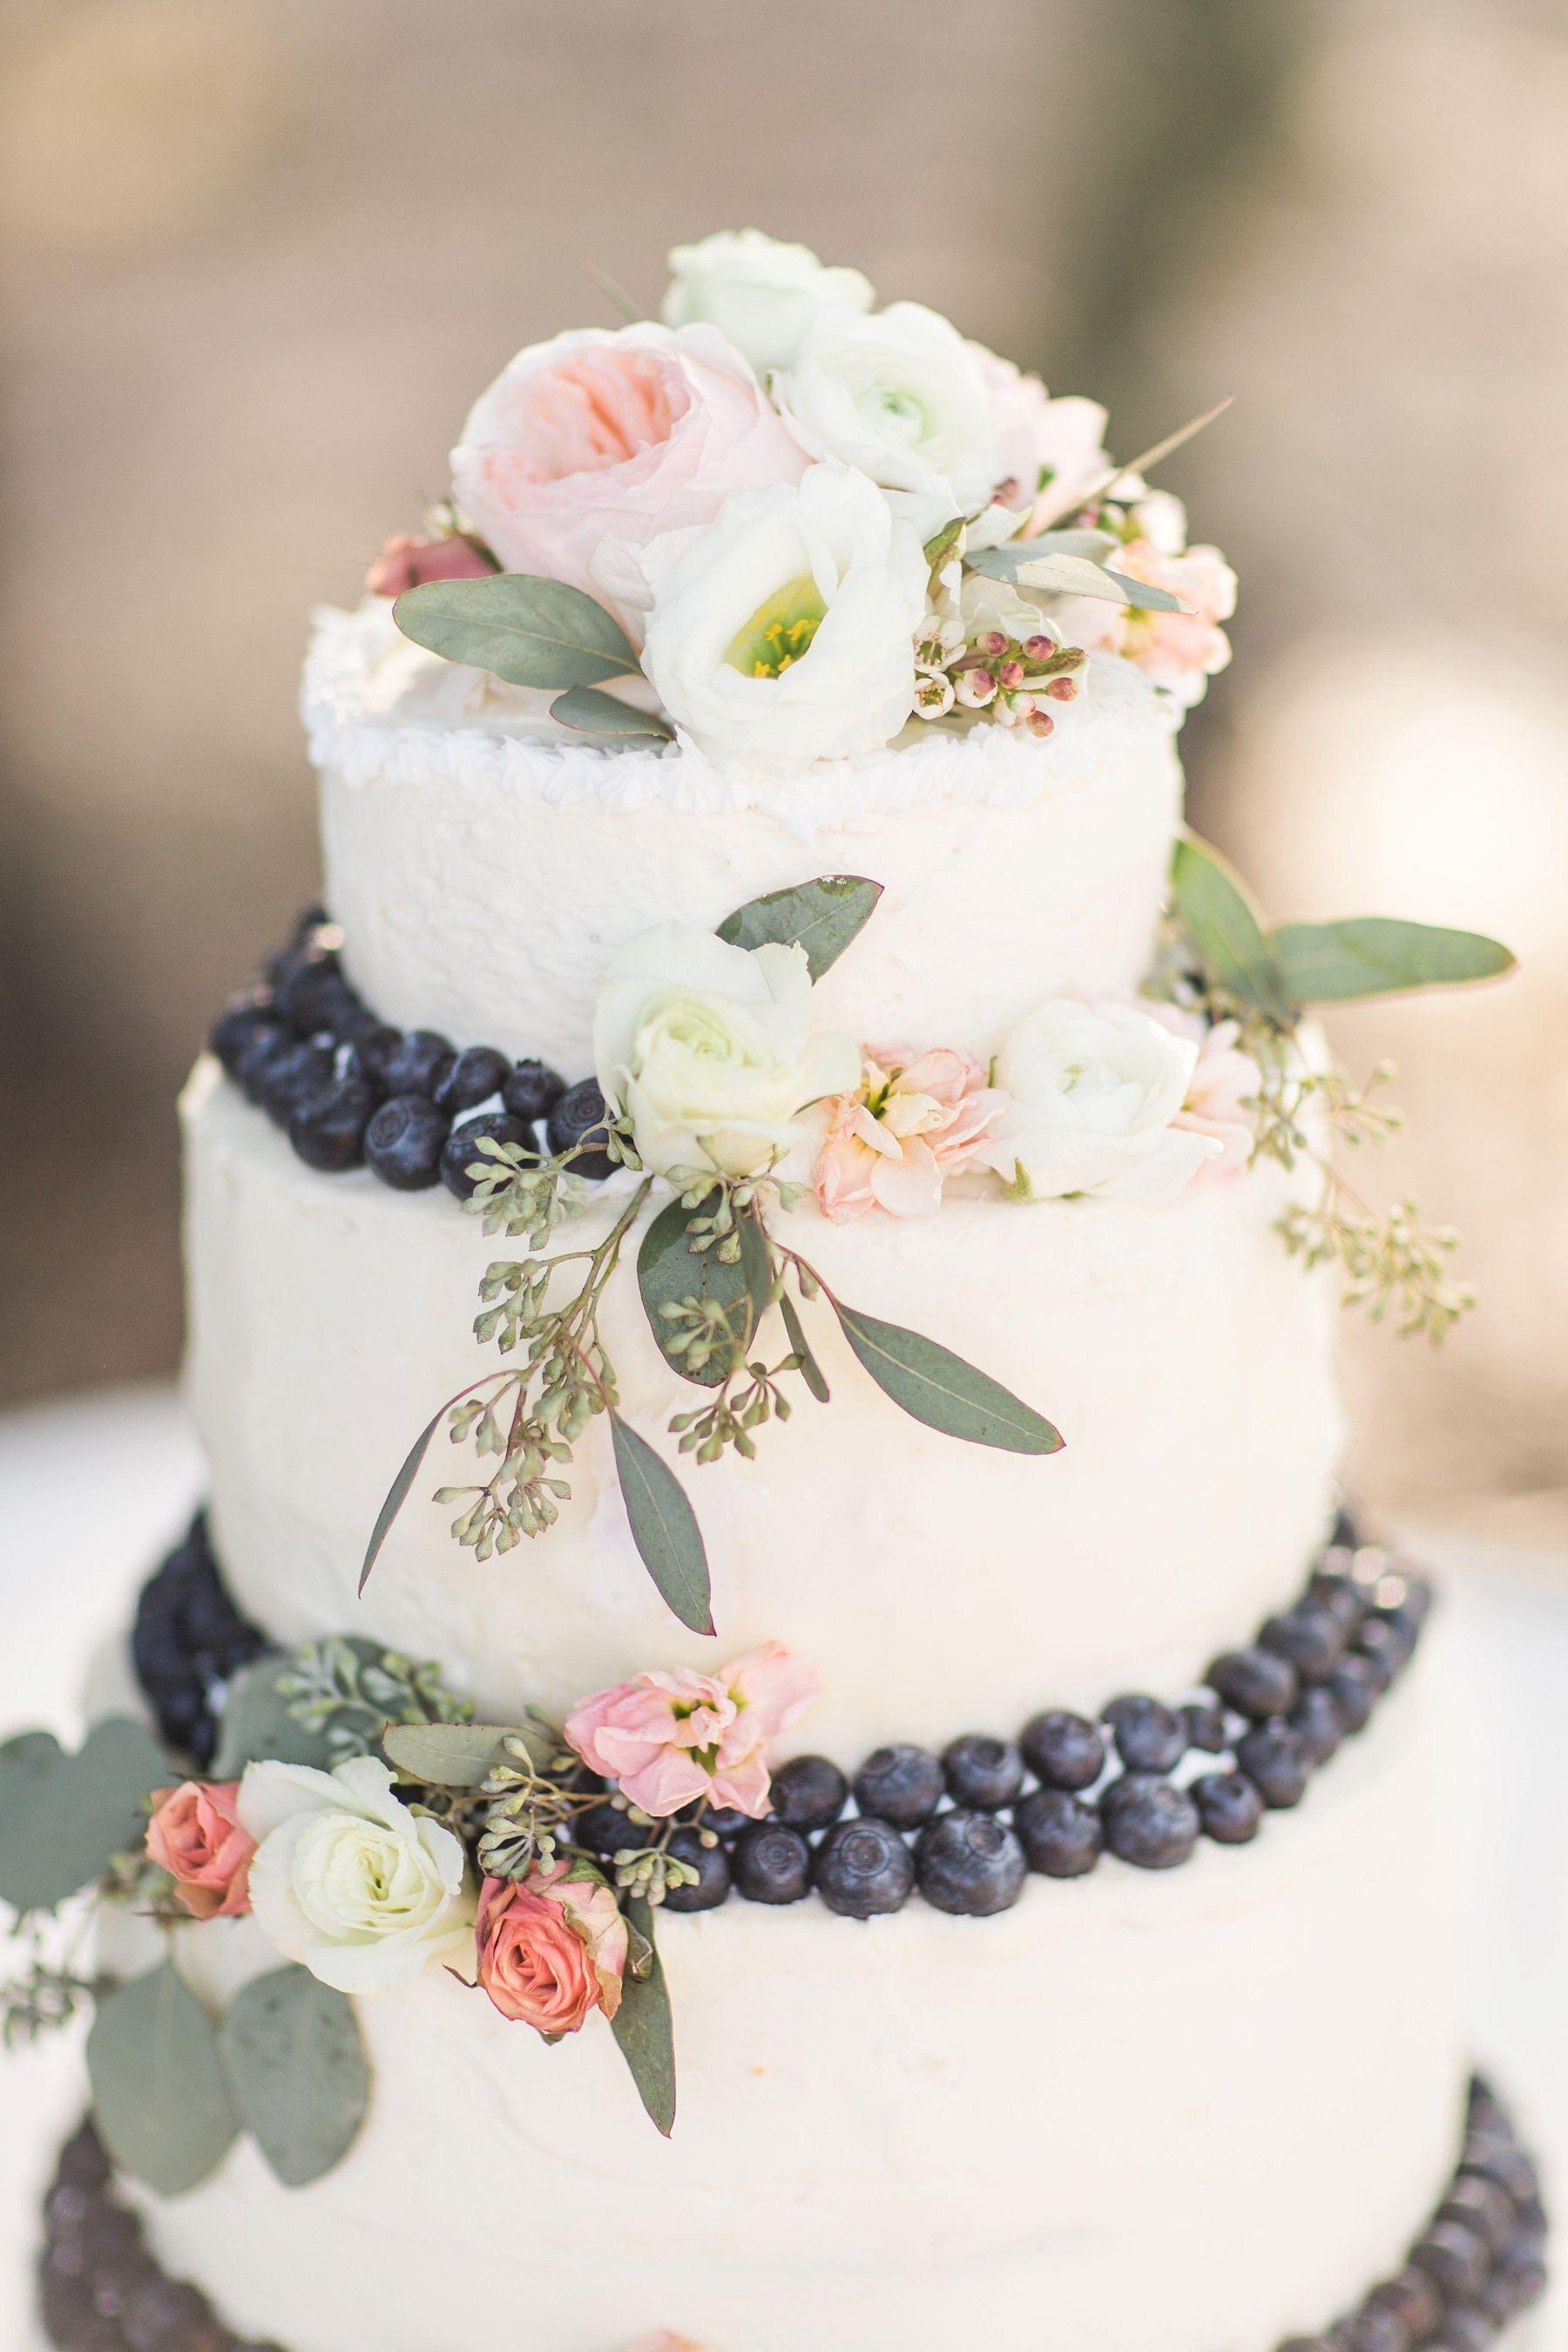 Backyard Ocala Wedding | Pinterest | Berry wedding cake, Wedding ...